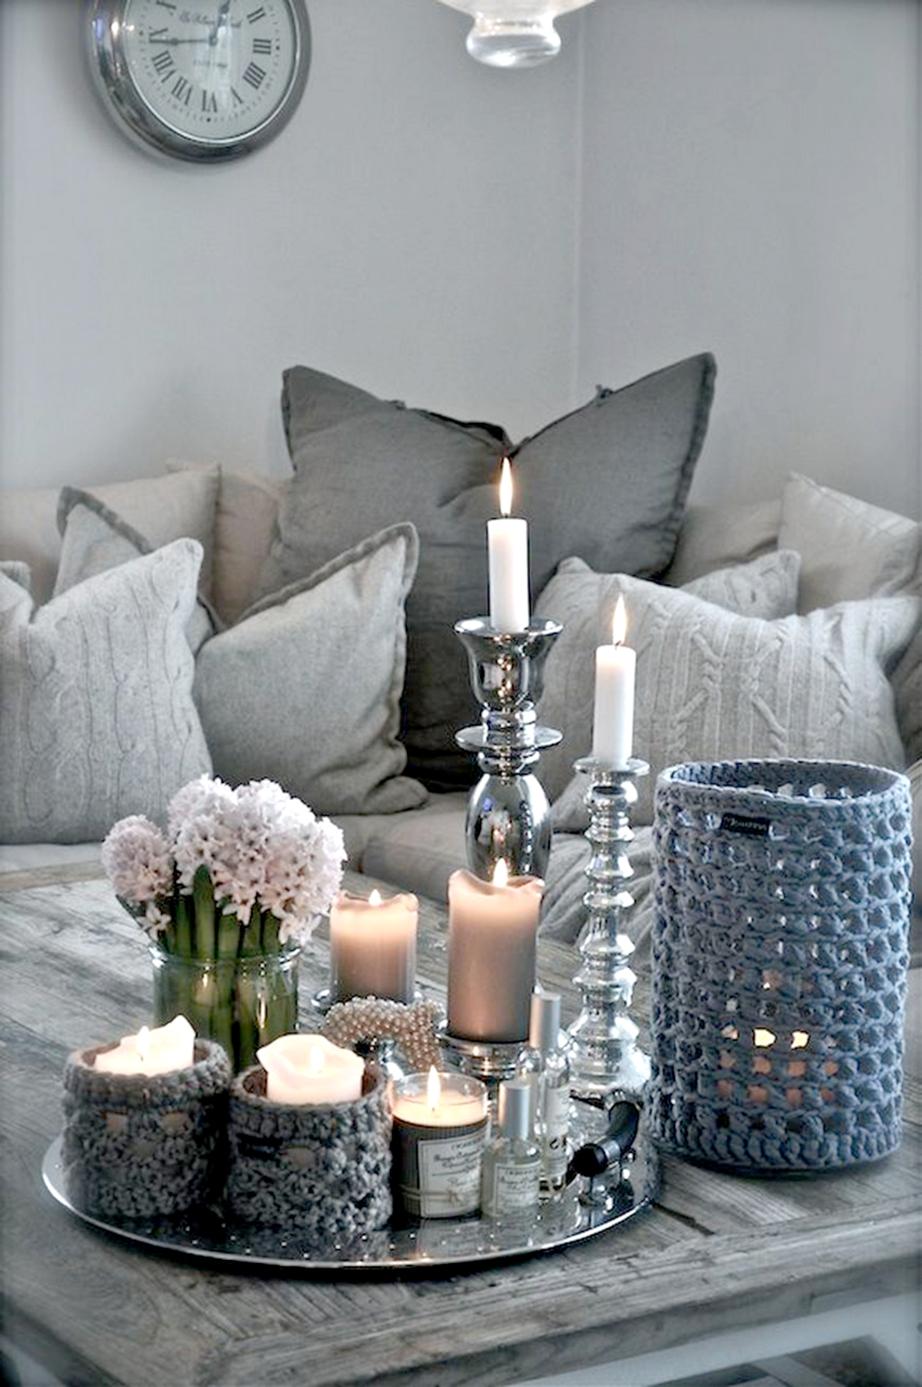 Αλλάξτε τα καλύμματα στα μαξιλάρια του καναπέ και τη θεματολογία του δίσκου στο coffee table.